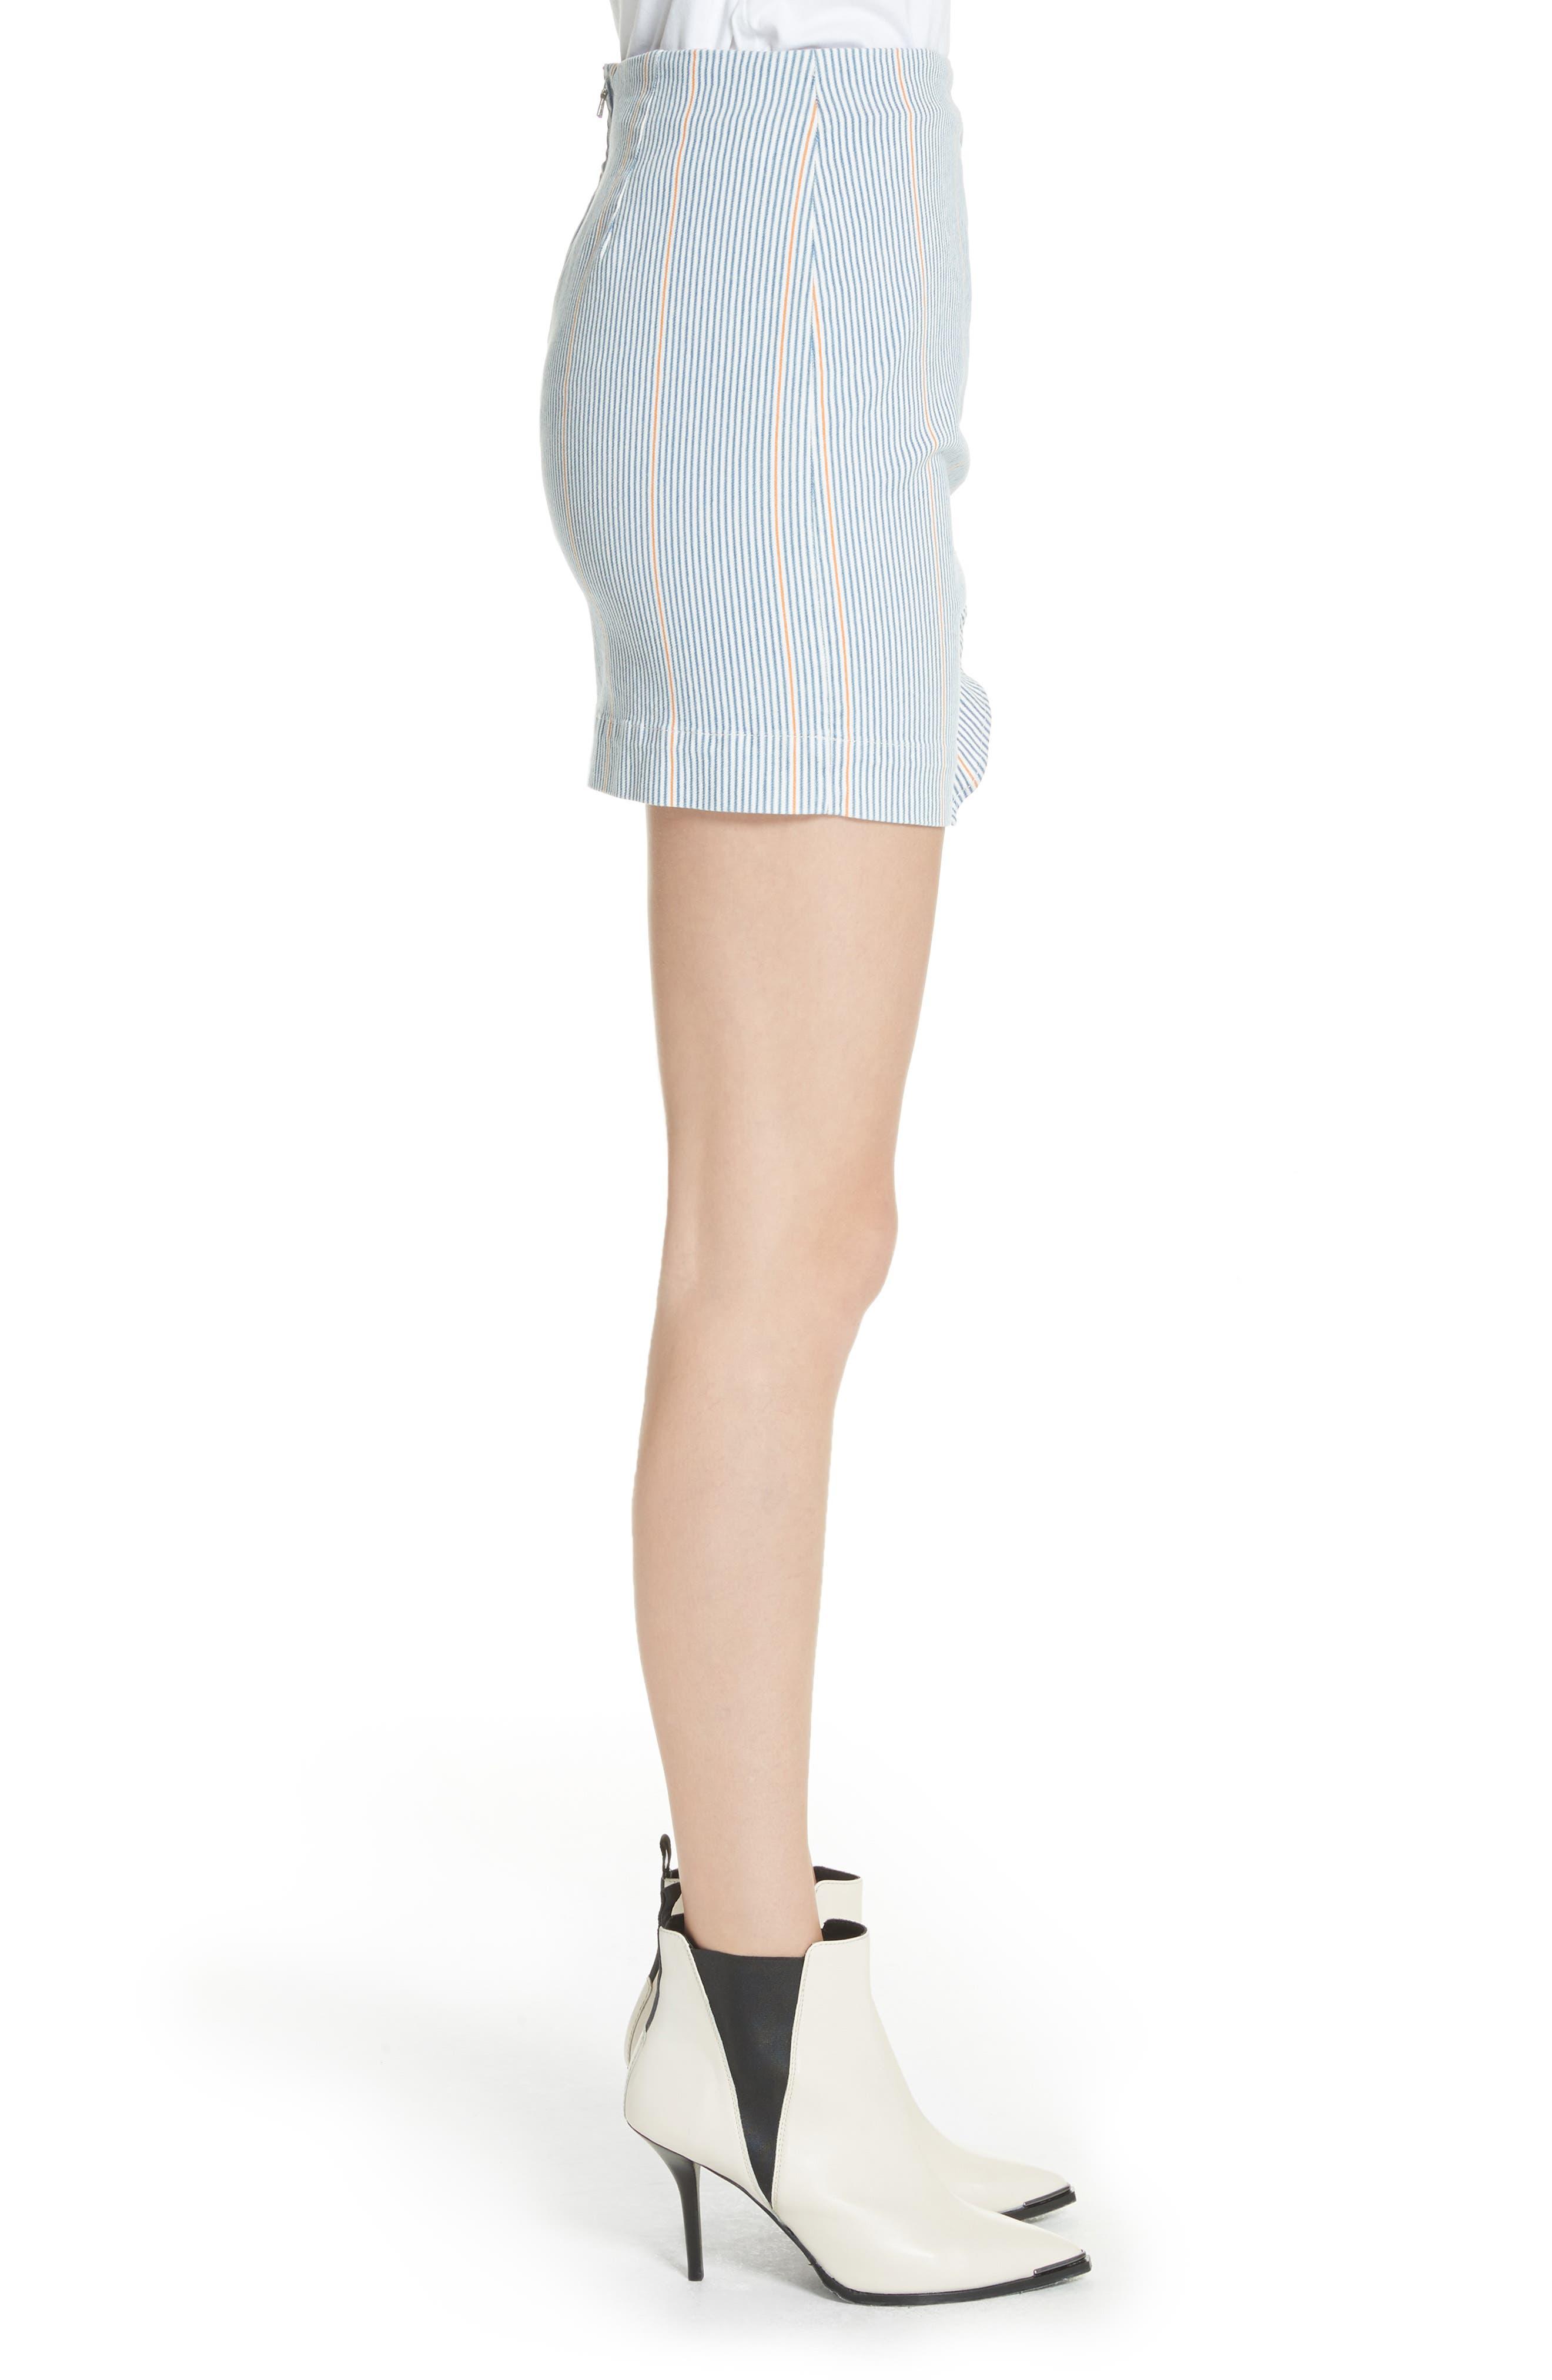 Jane Stripe Ruffle Detail Skirt,                             Alternate thumbnail 3, color,                             NILLIE SKIRT